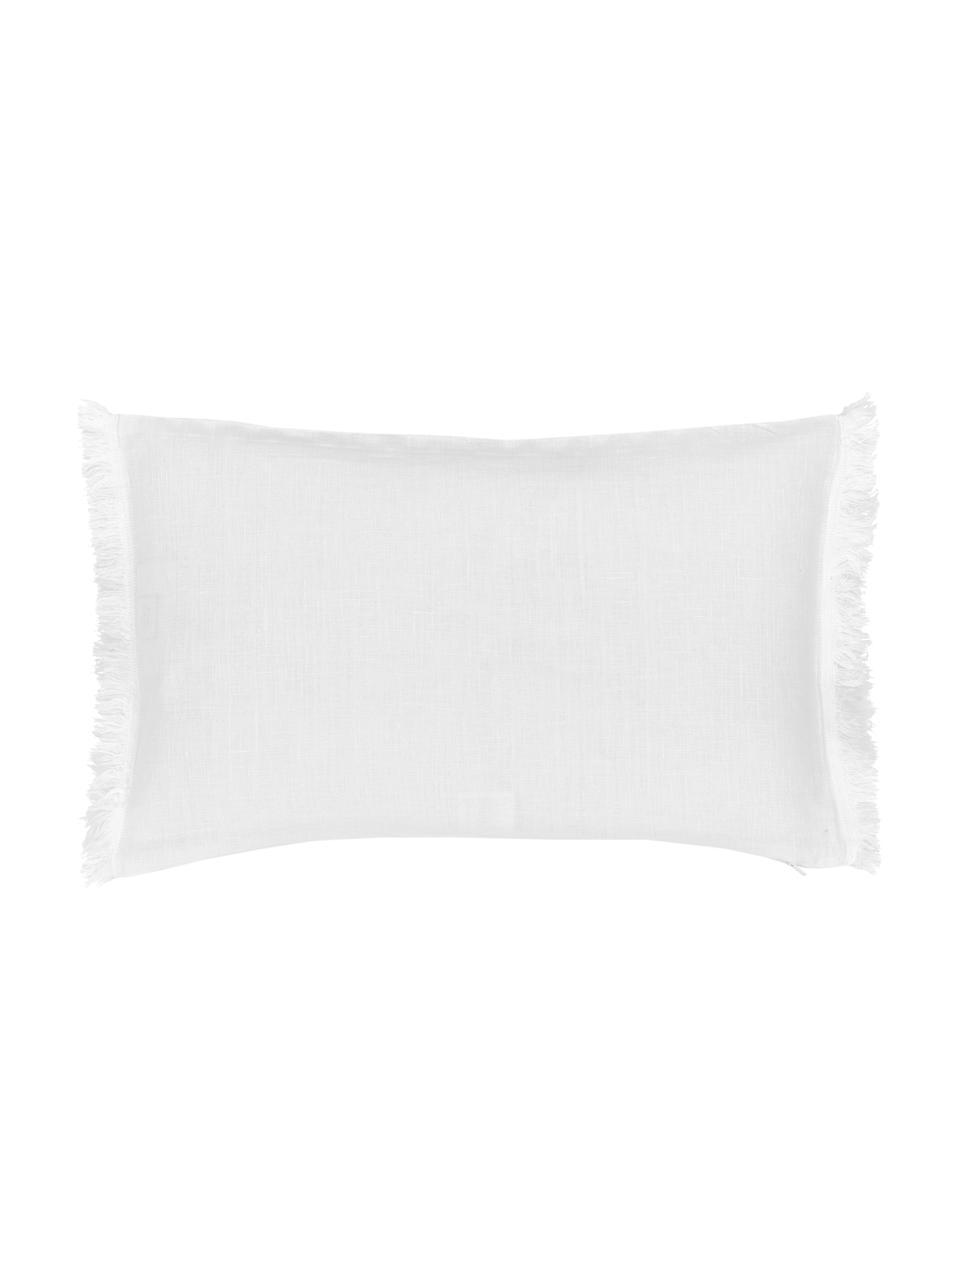 Poszewka na poduszkę z lnu z frędzlami Luana, 100% len, Kremowobiały, S 30 x D 50 cm